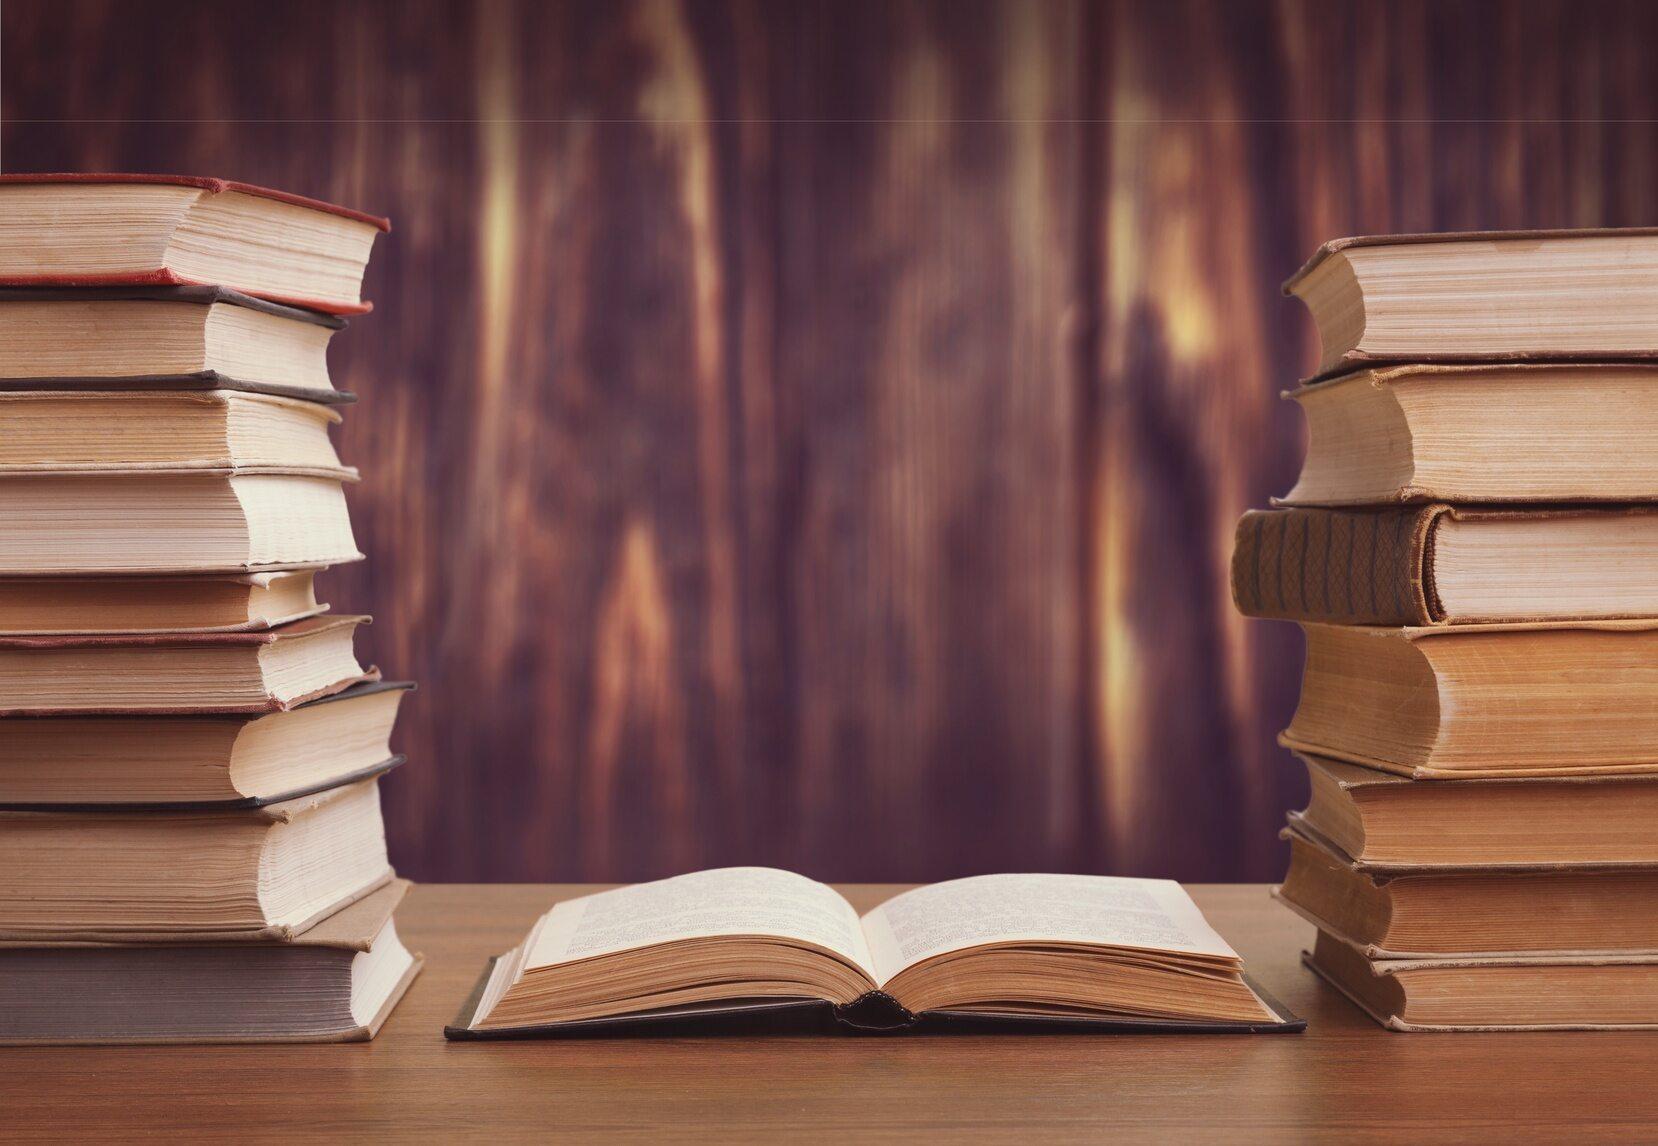 Książki, zdj. ilustracyjne